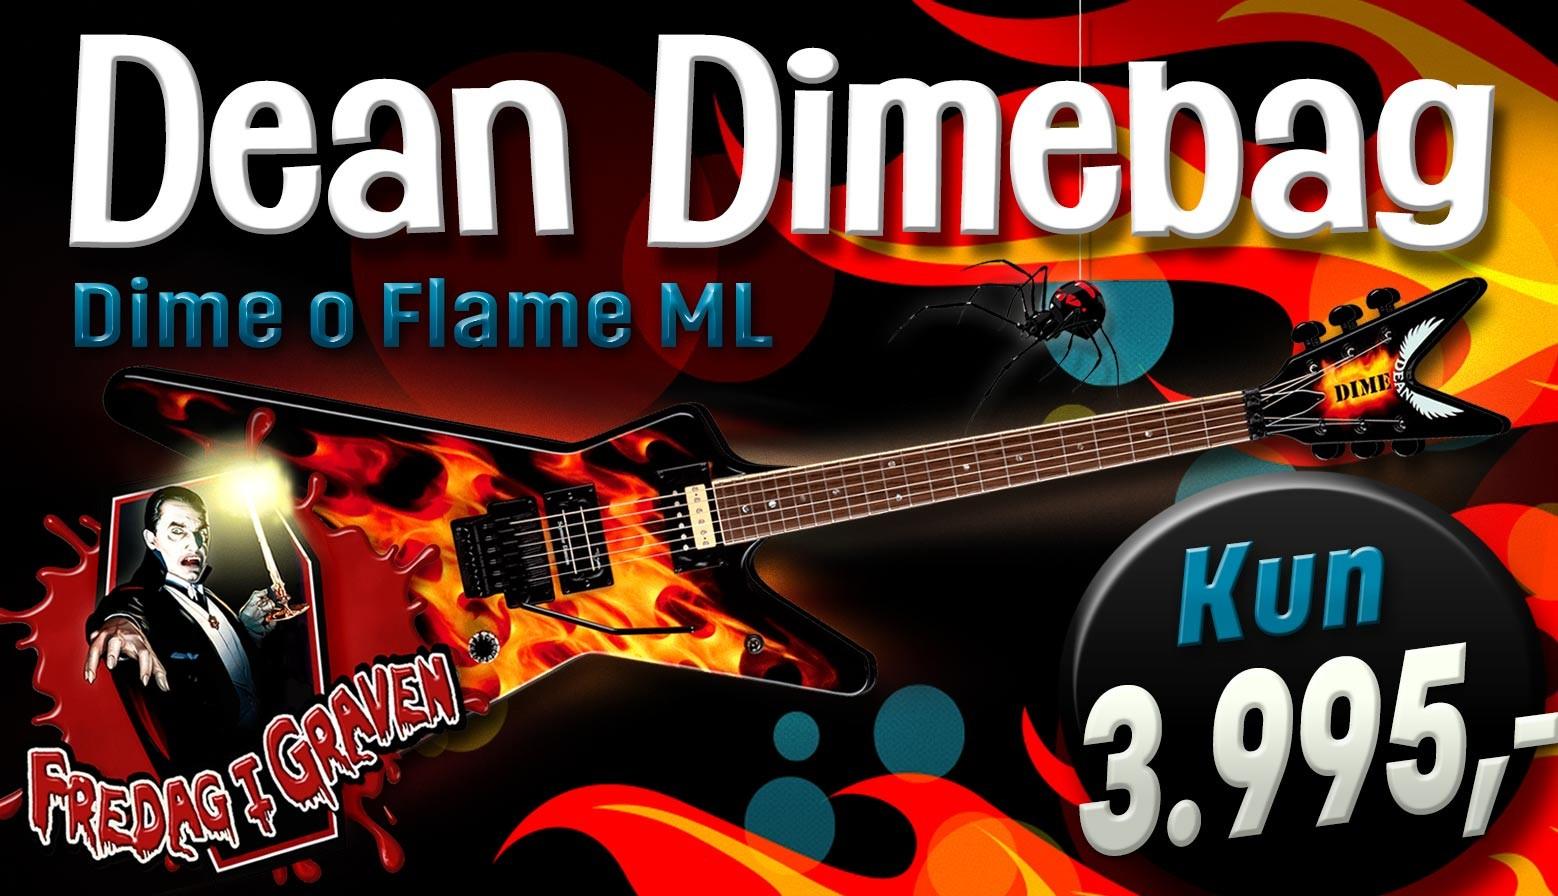 Dean o flame banner